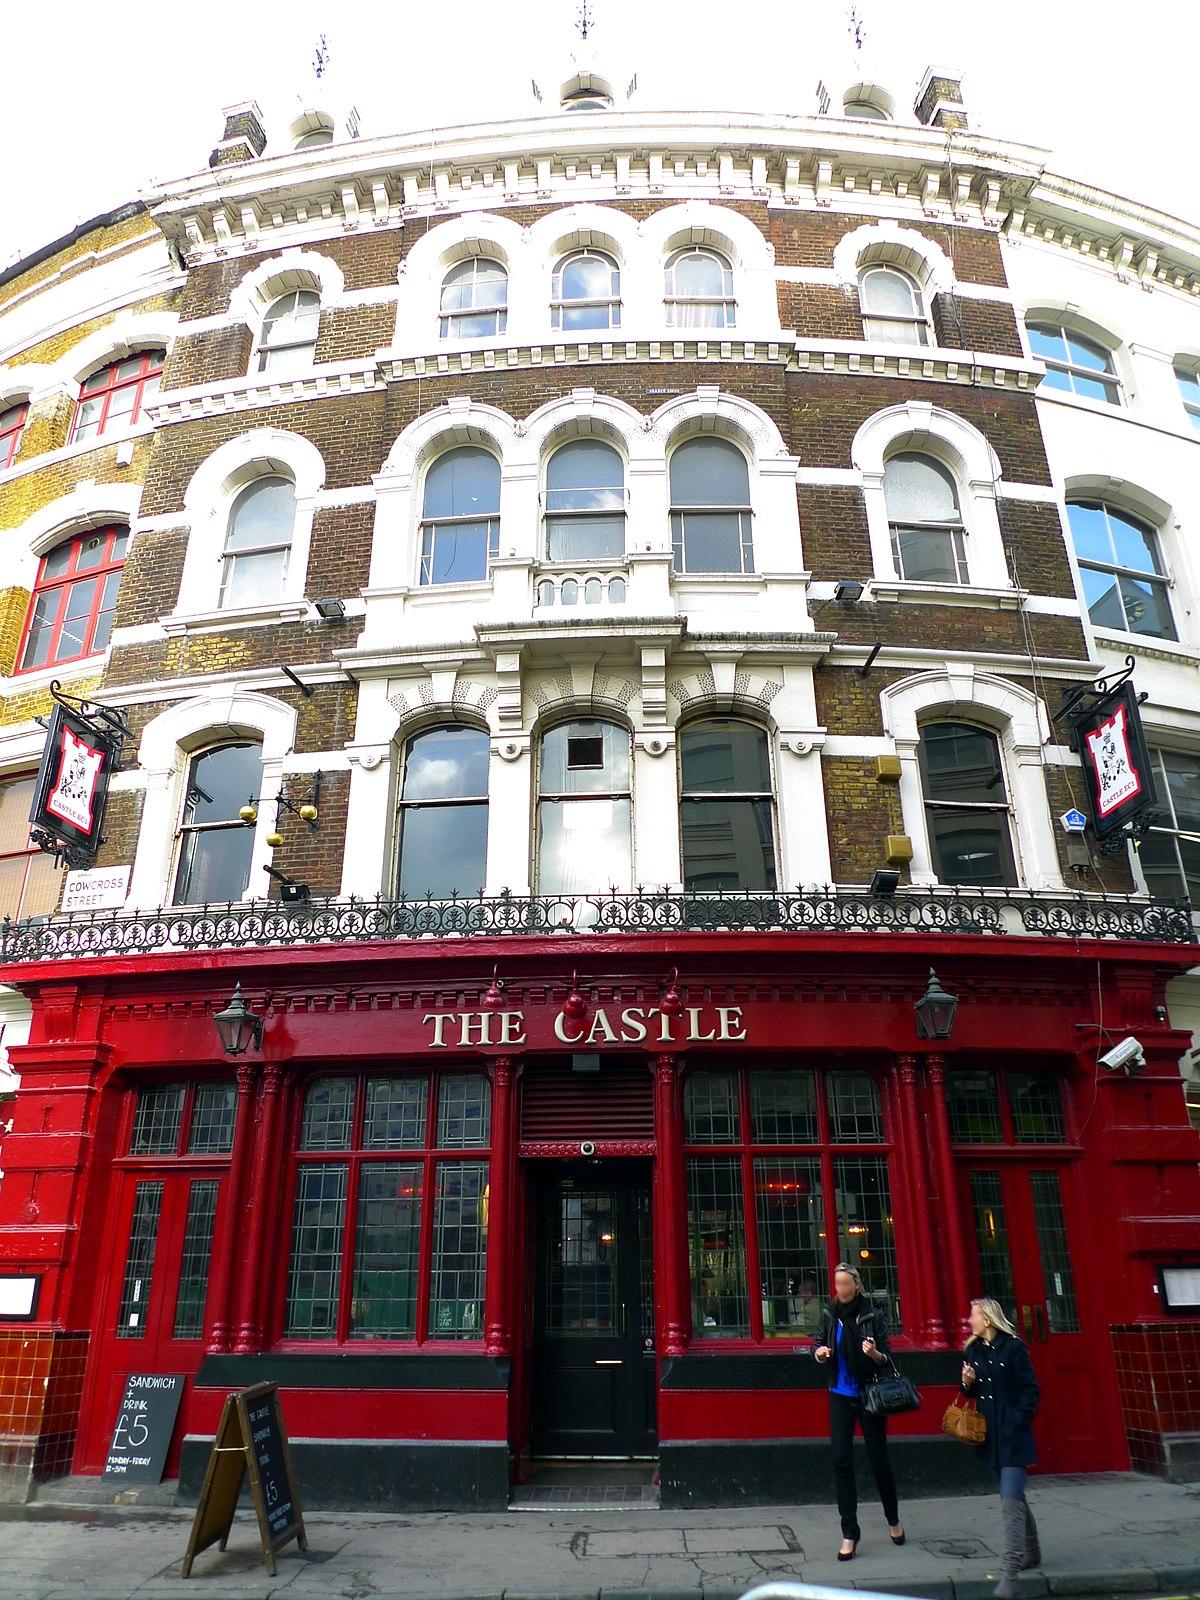 The Castle, Farringdon - Wikipedia